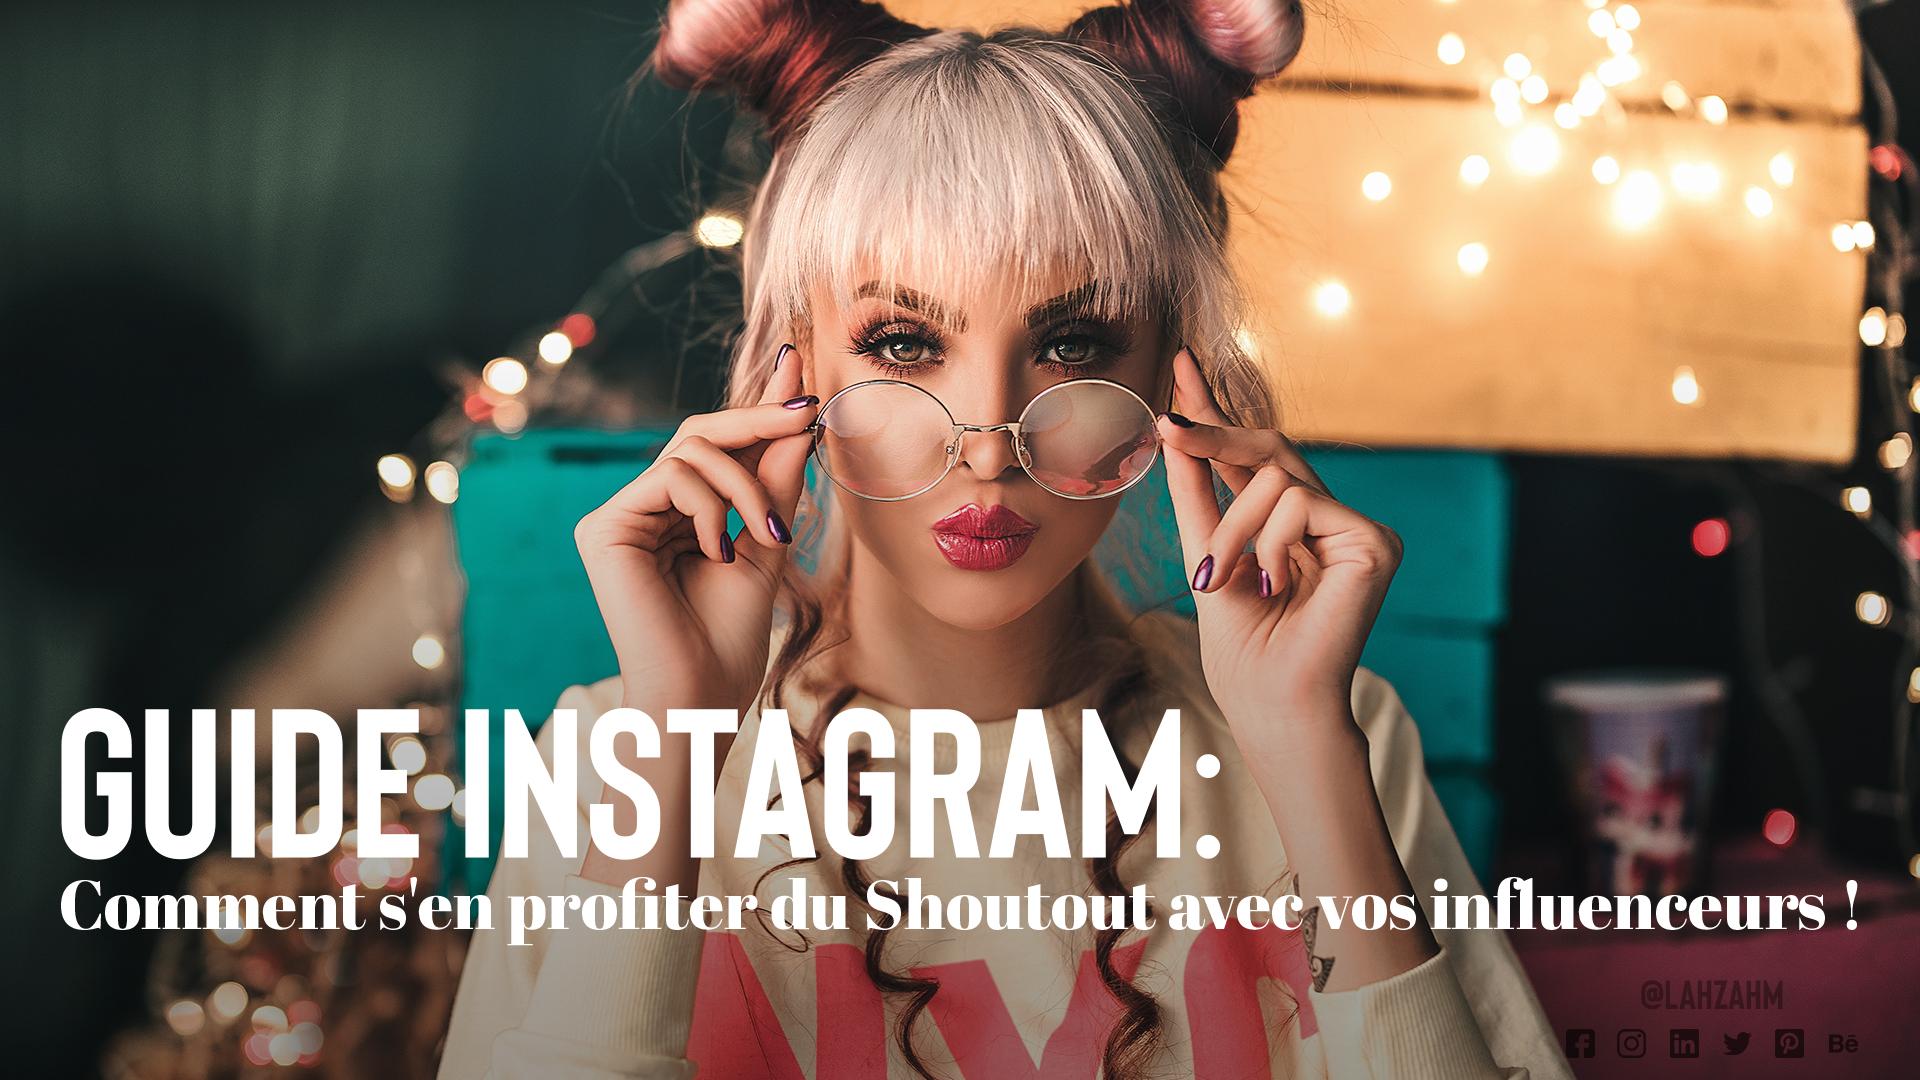 Guide Instagram : Comment s'en profiter du Shoutout avec vos influenceurs !